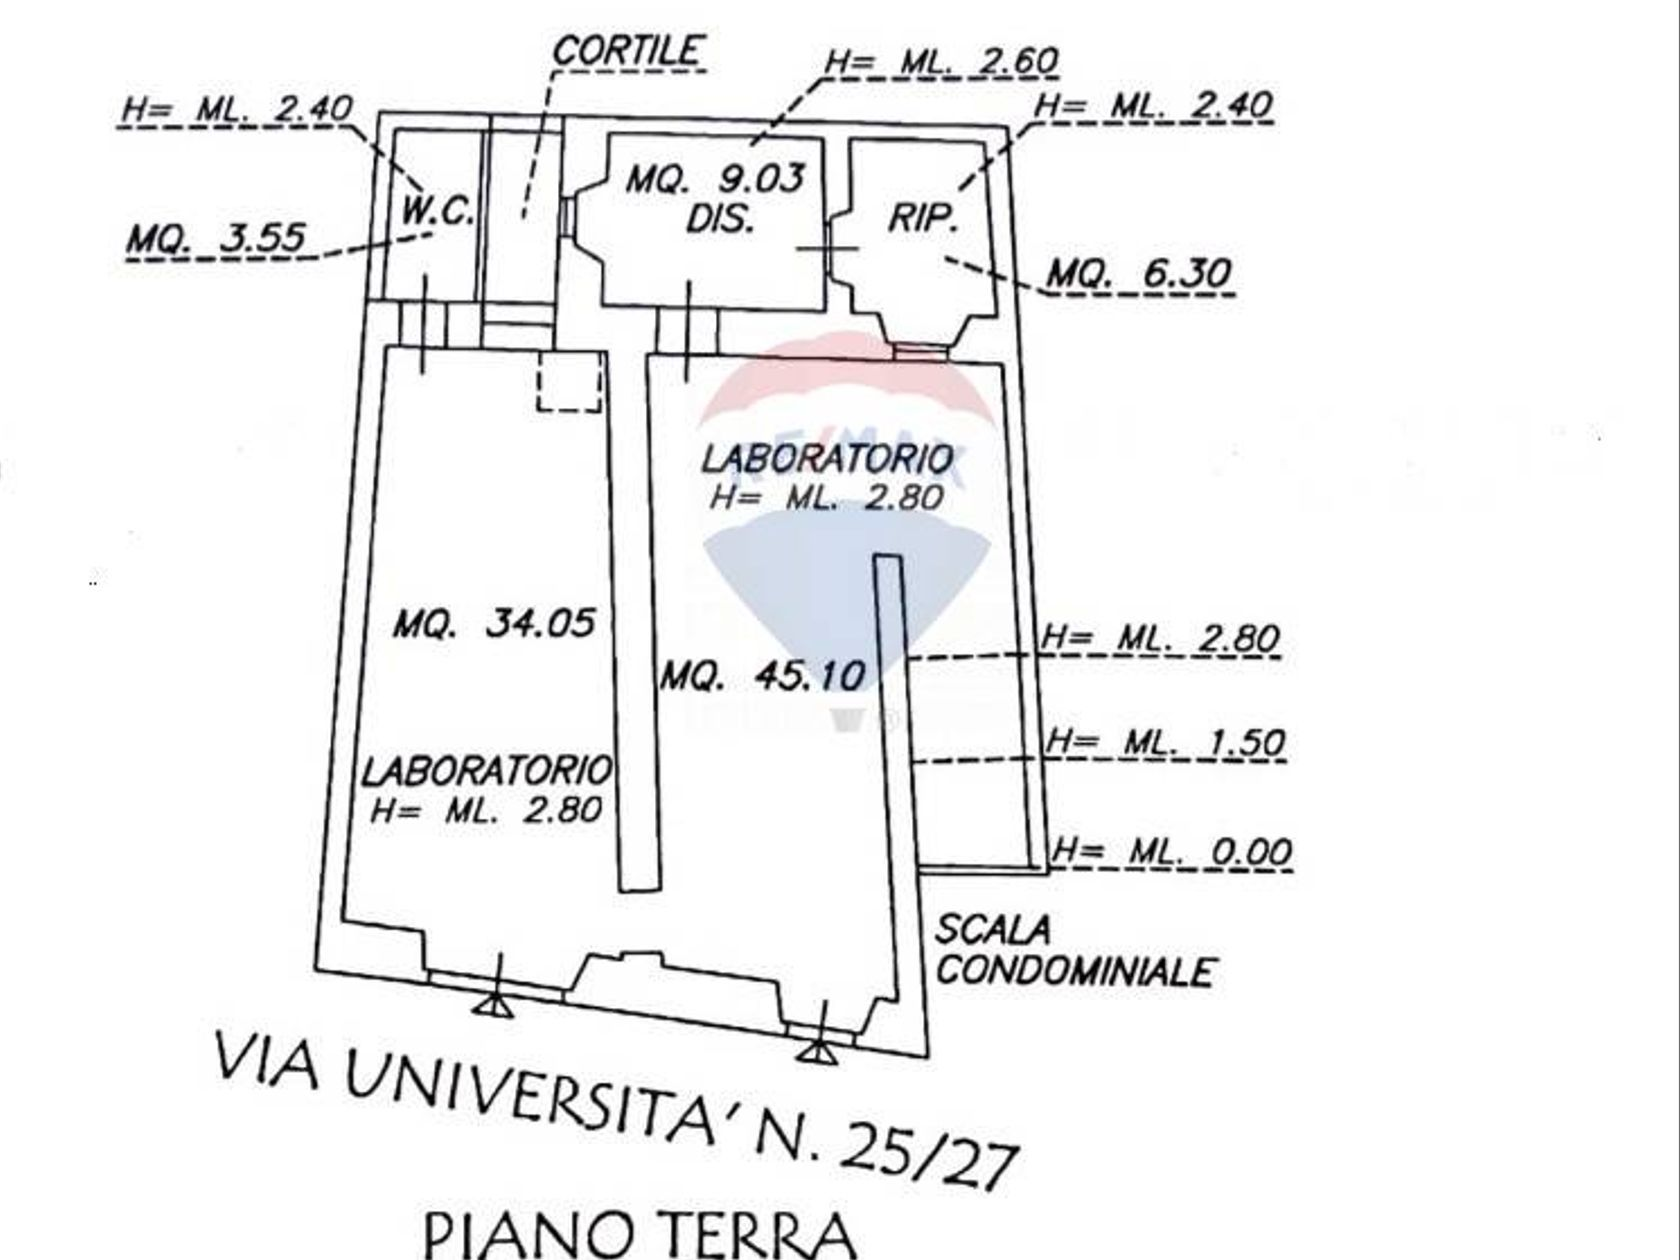 Laboratorio Stampace, Cagliari, CA Vendita - Planimetria 1